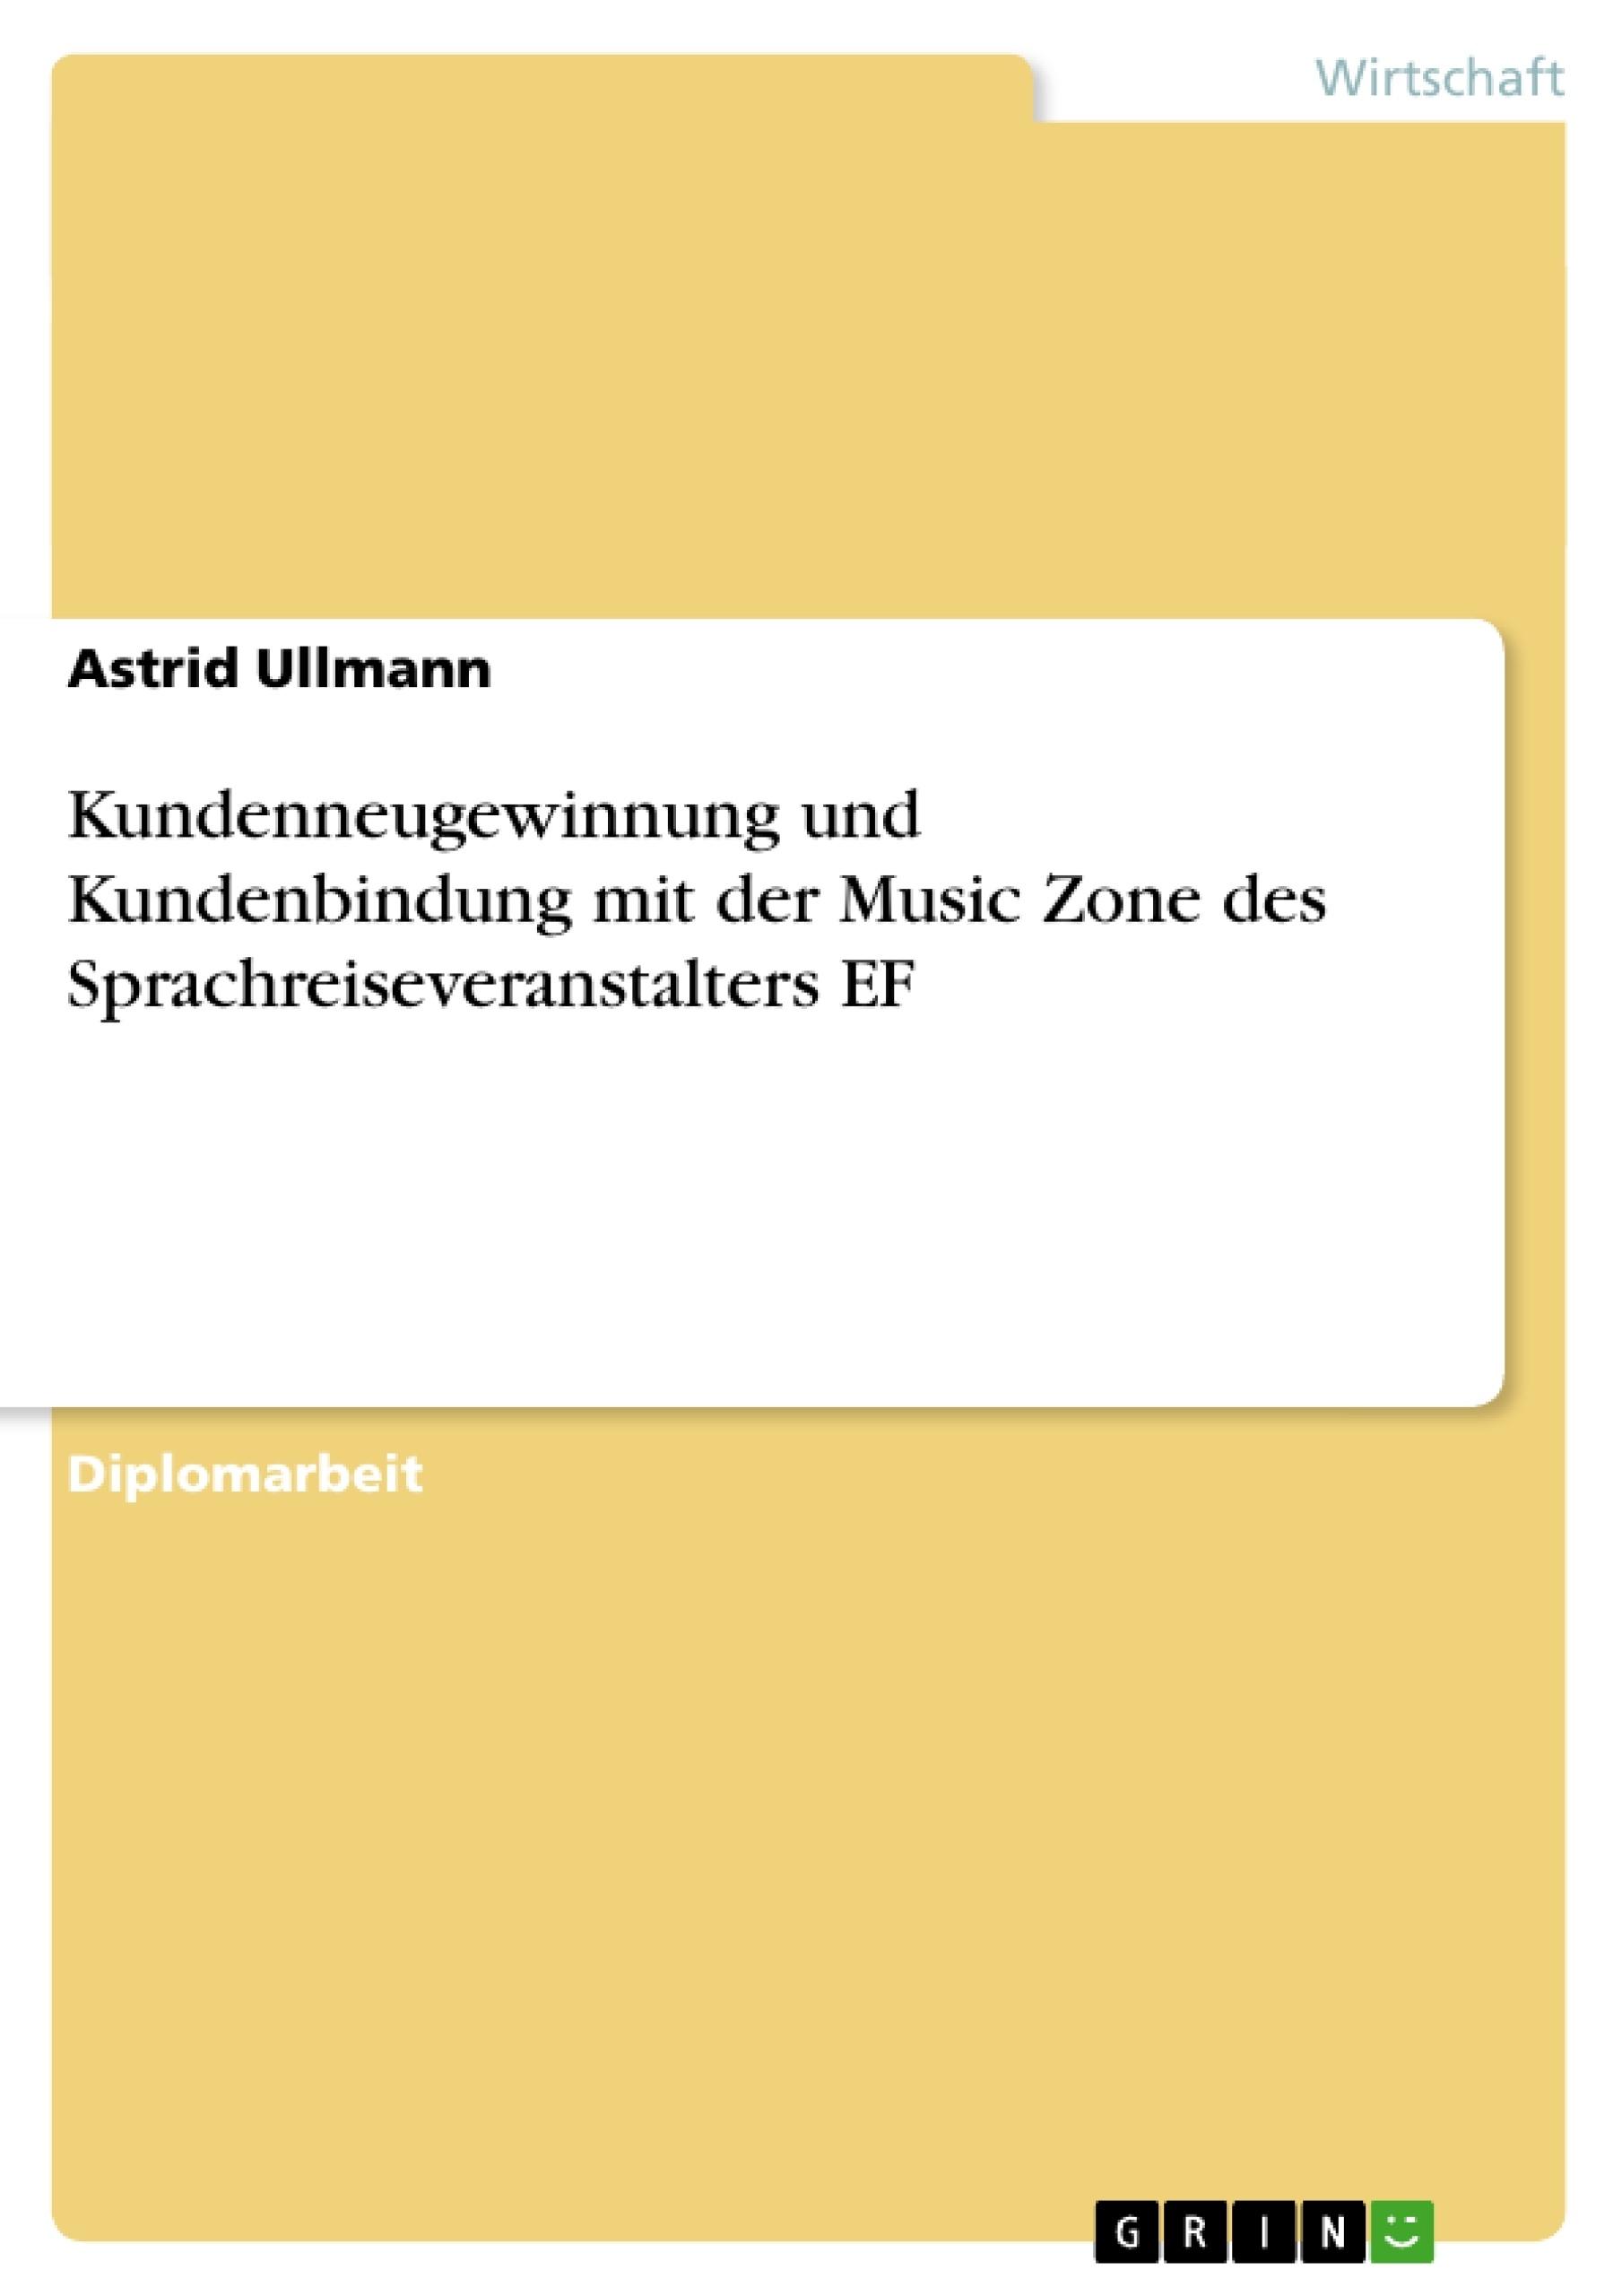 Titel: Kundenneugewinnung und Kundenbindung mit der Music Zone des Sprachreiseveranstalters EF